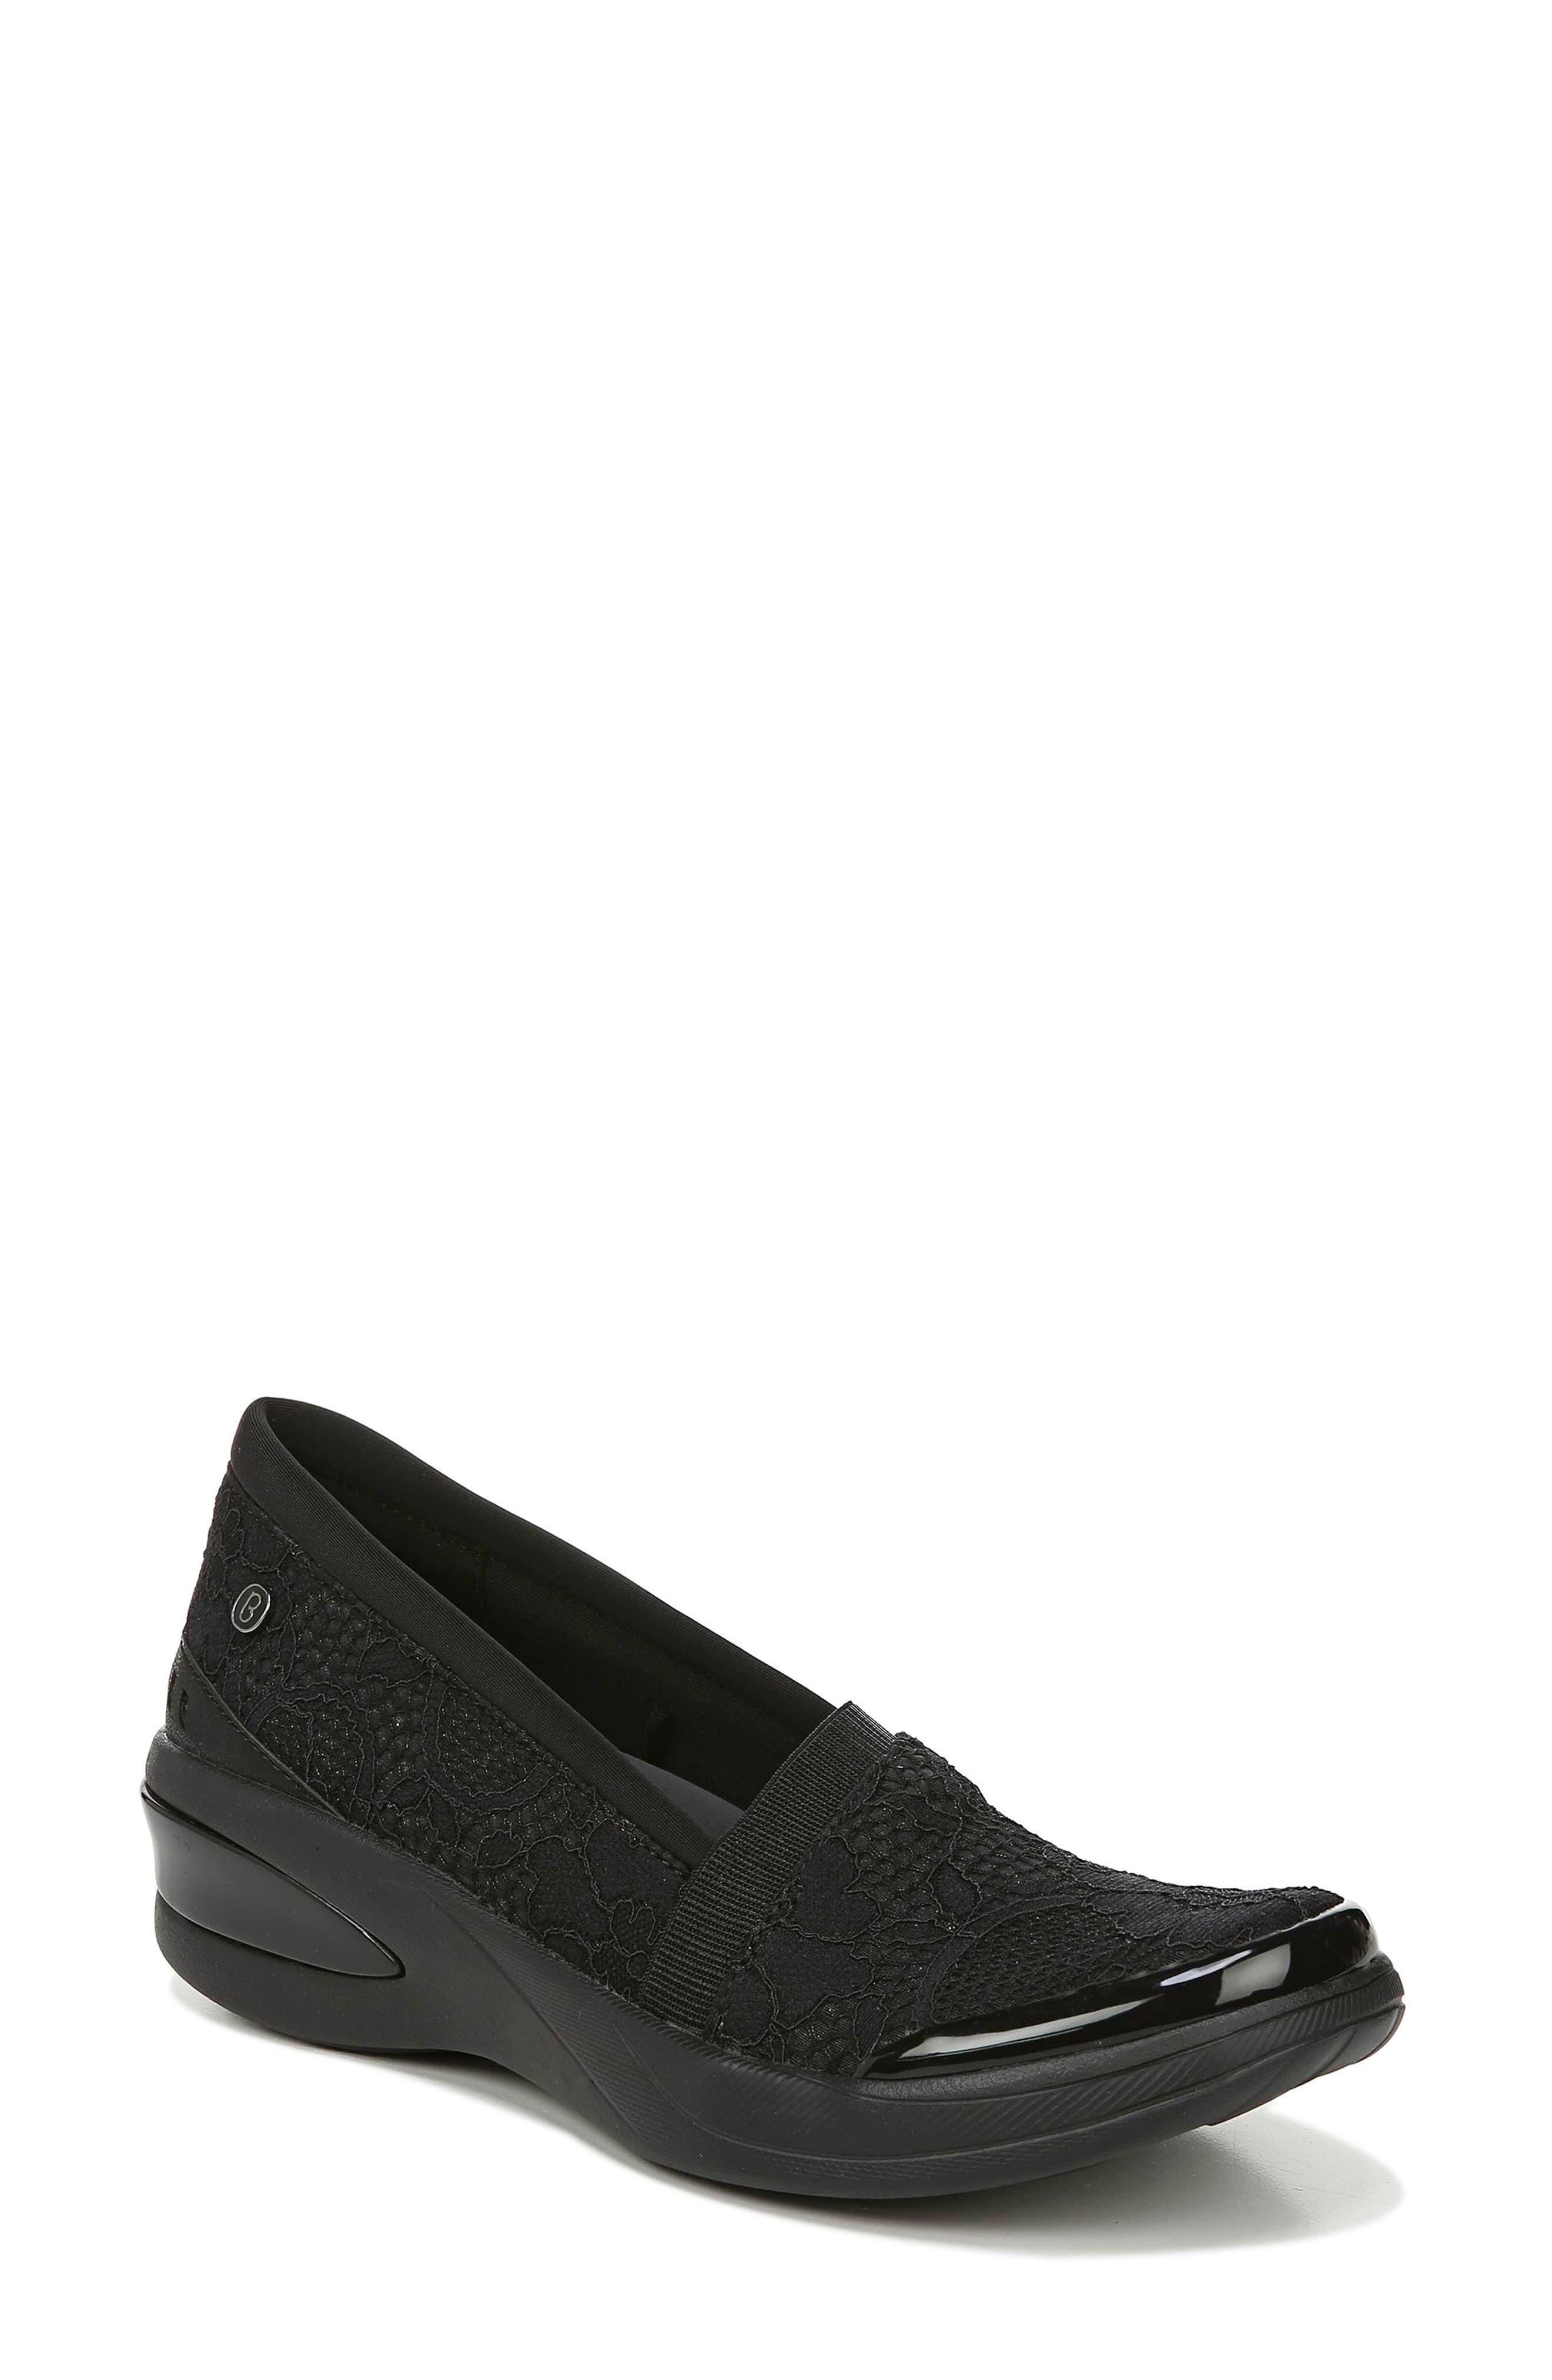 Bzees Flirty Slip-On Wedge Sneaker- Black